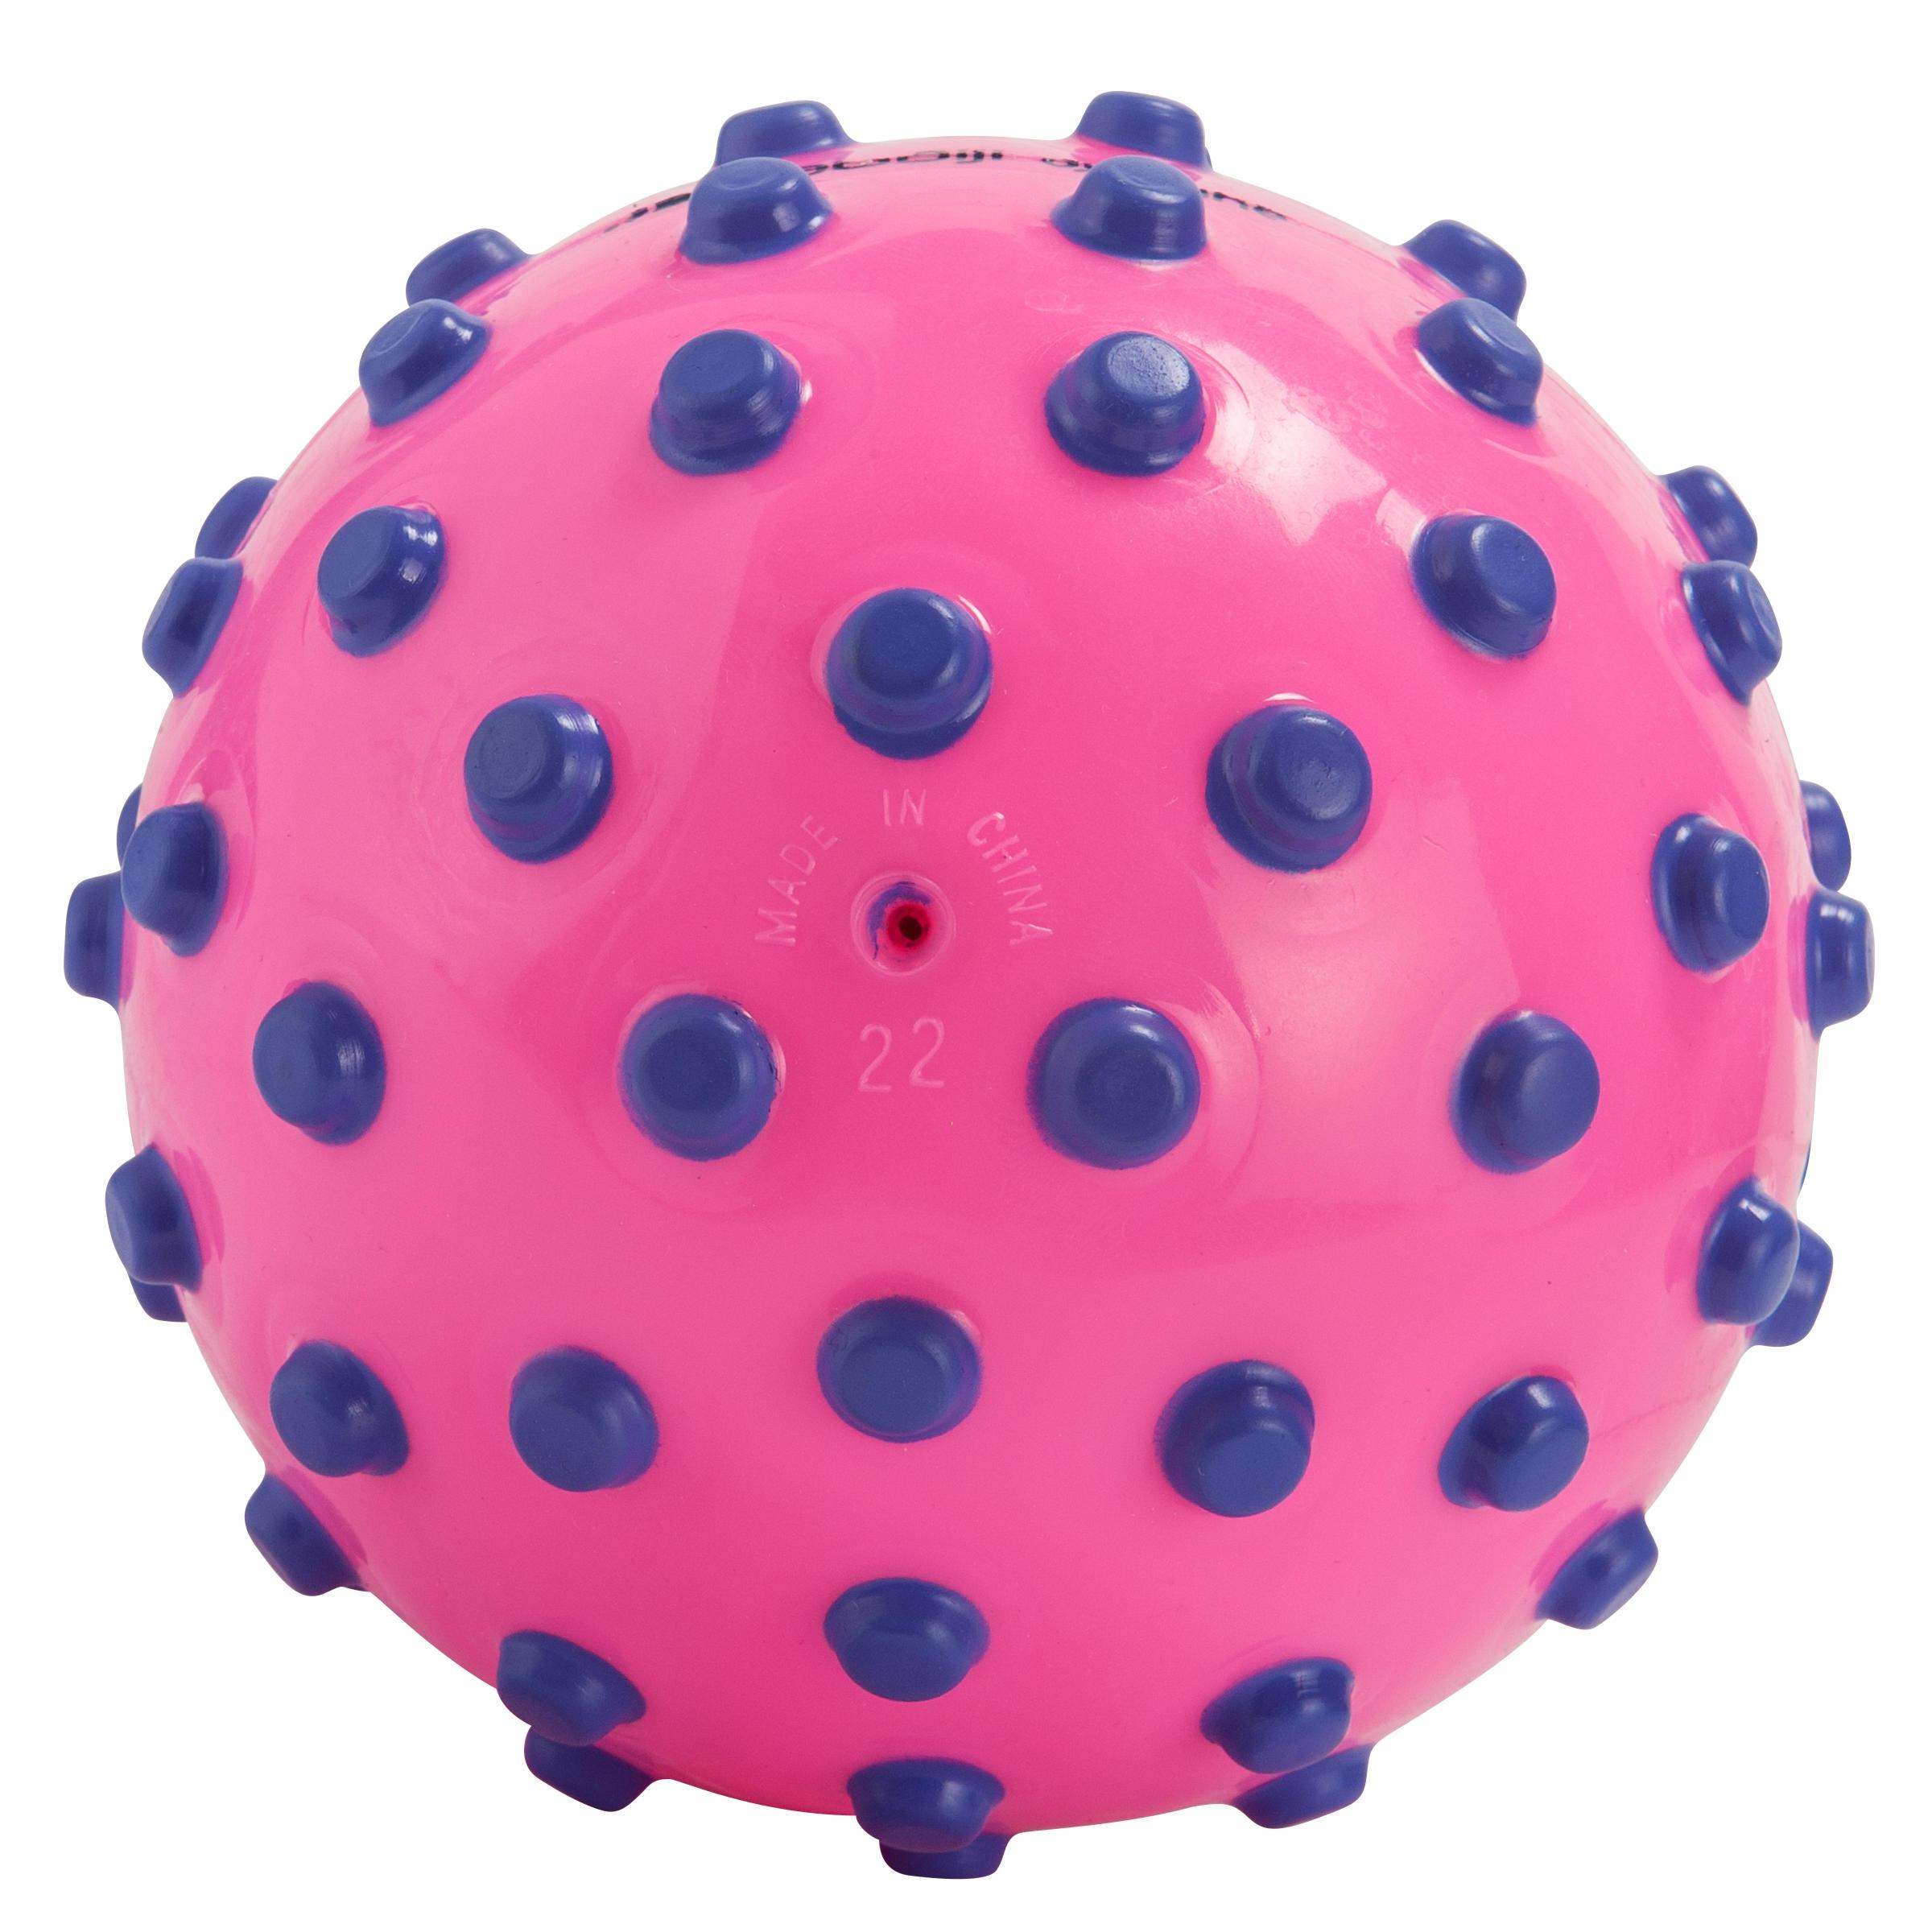 Ballon rose avec picots violets en mousse.Environ 15 cm de diamètre